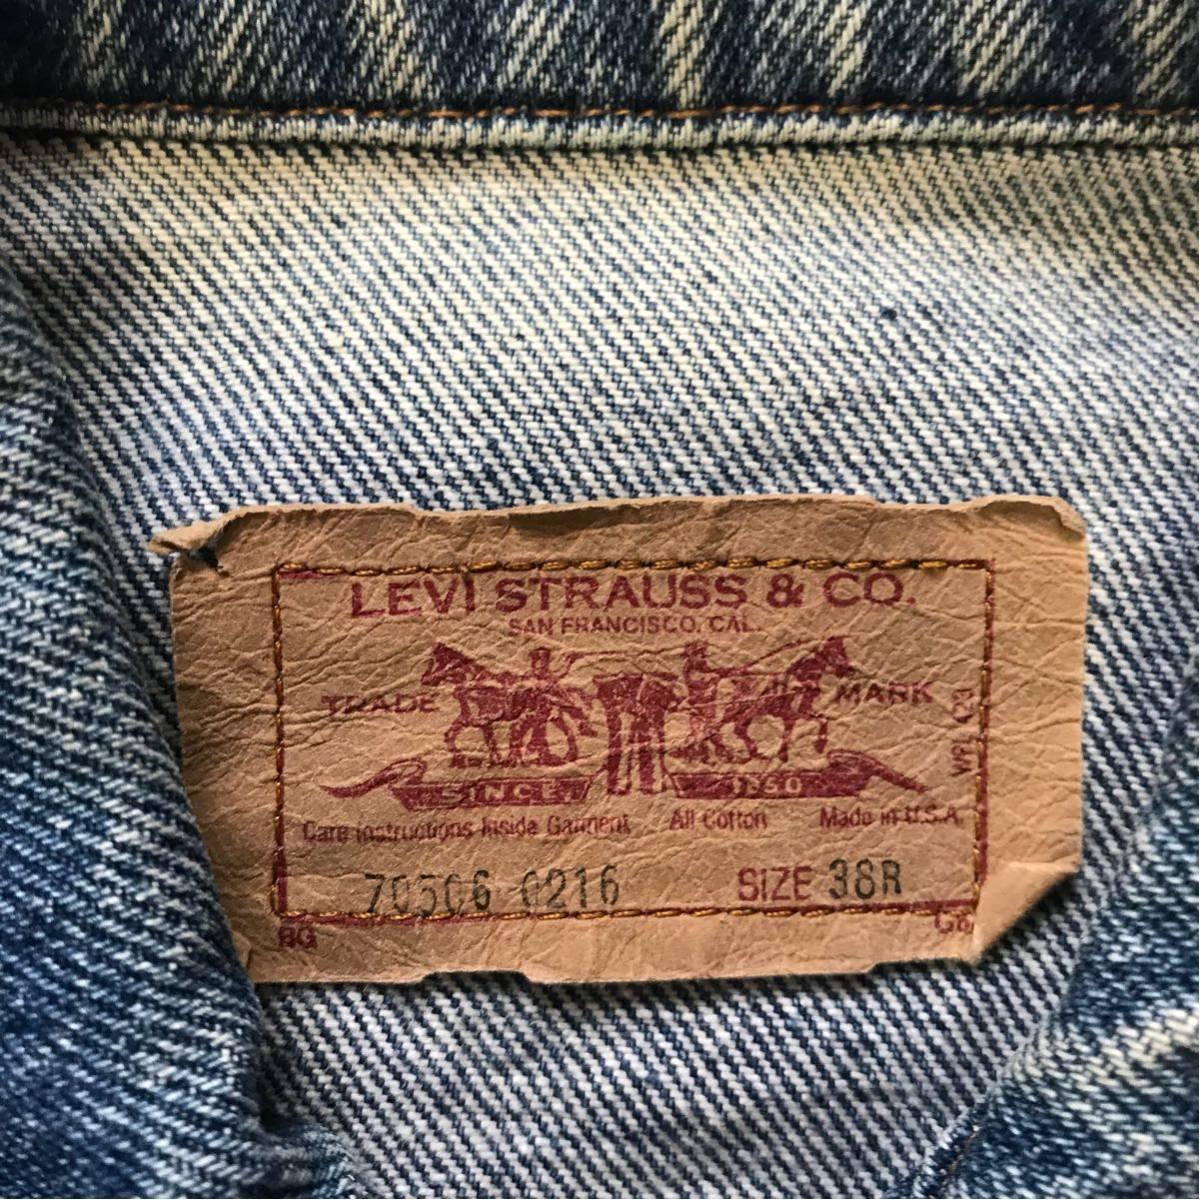 80s levis 70506 ビンテージデニムジャケット ヴィンテージ Gジャン ジージャン Levi''s リーバイス アメリカ製 made in USA 80年代_画像8